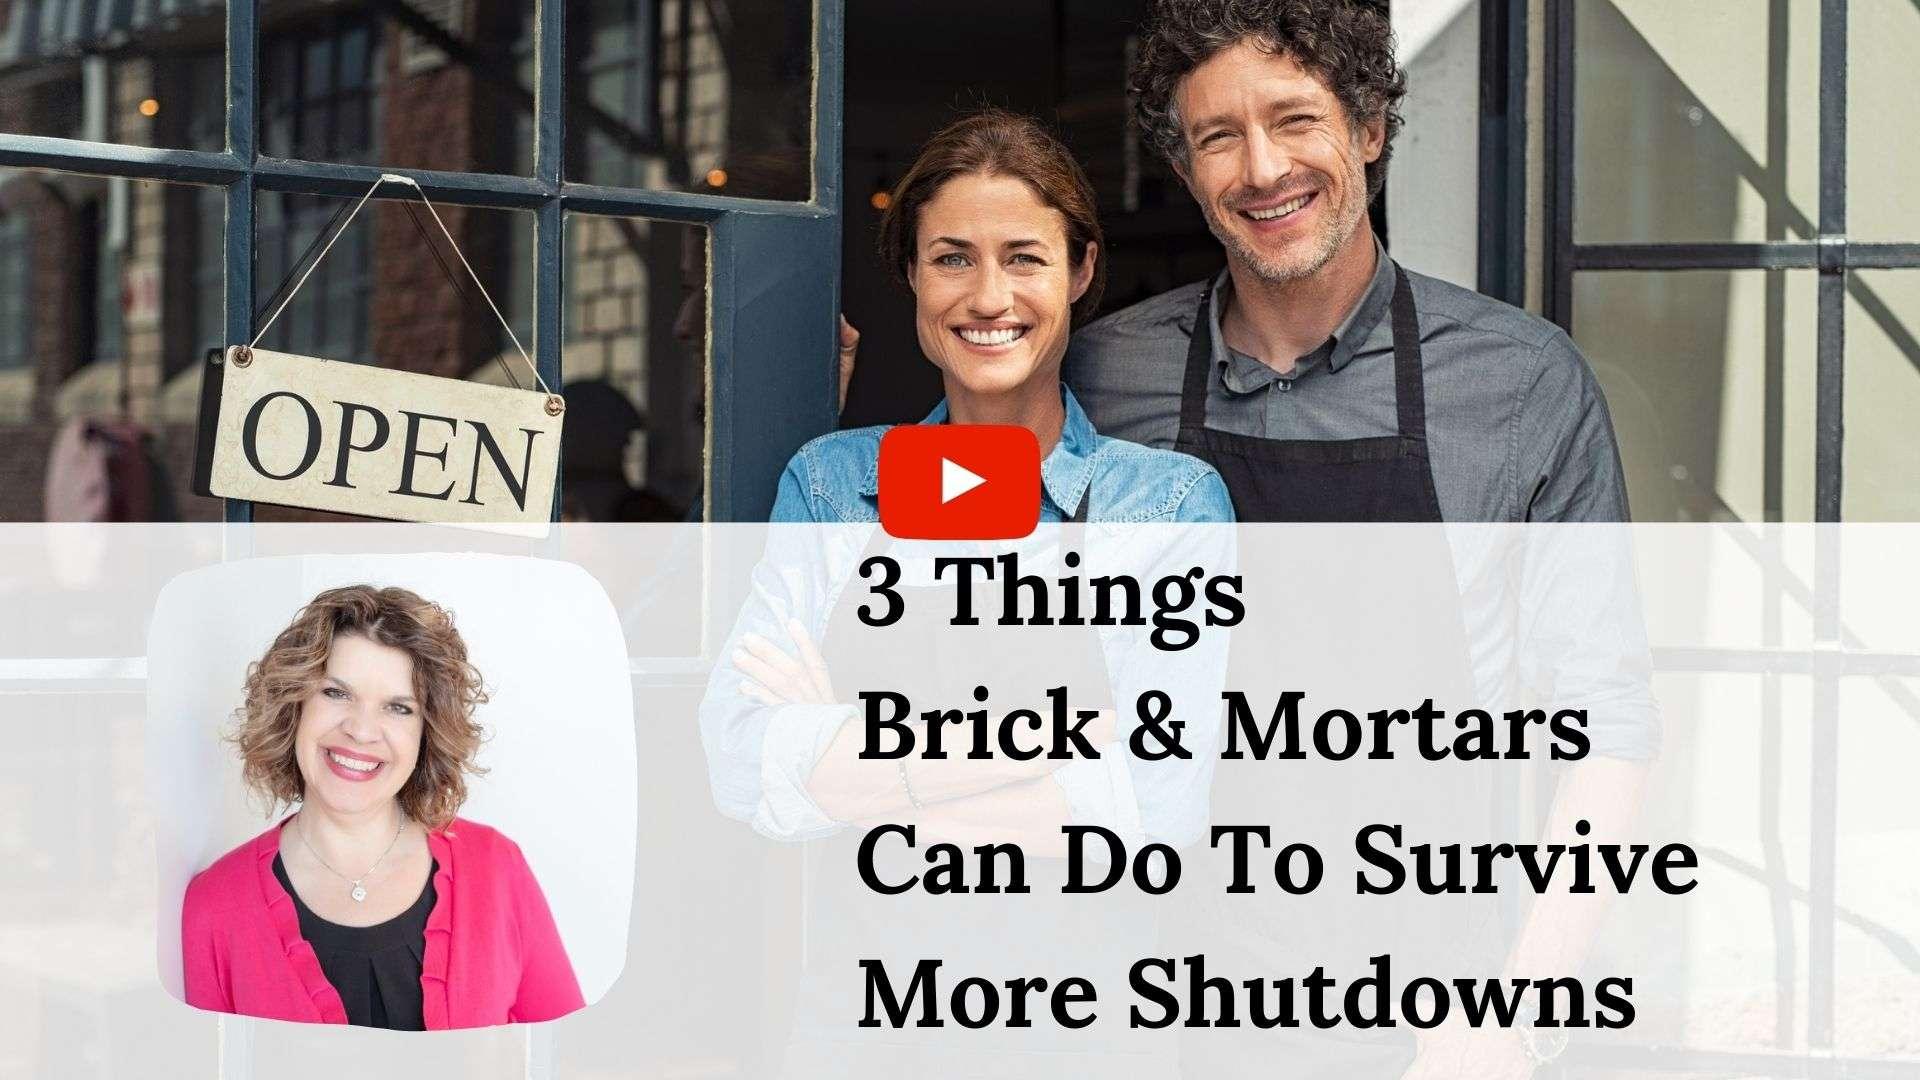 ACCTV #4 – Surviving More Shutdowns as a Brick & Mortar Business